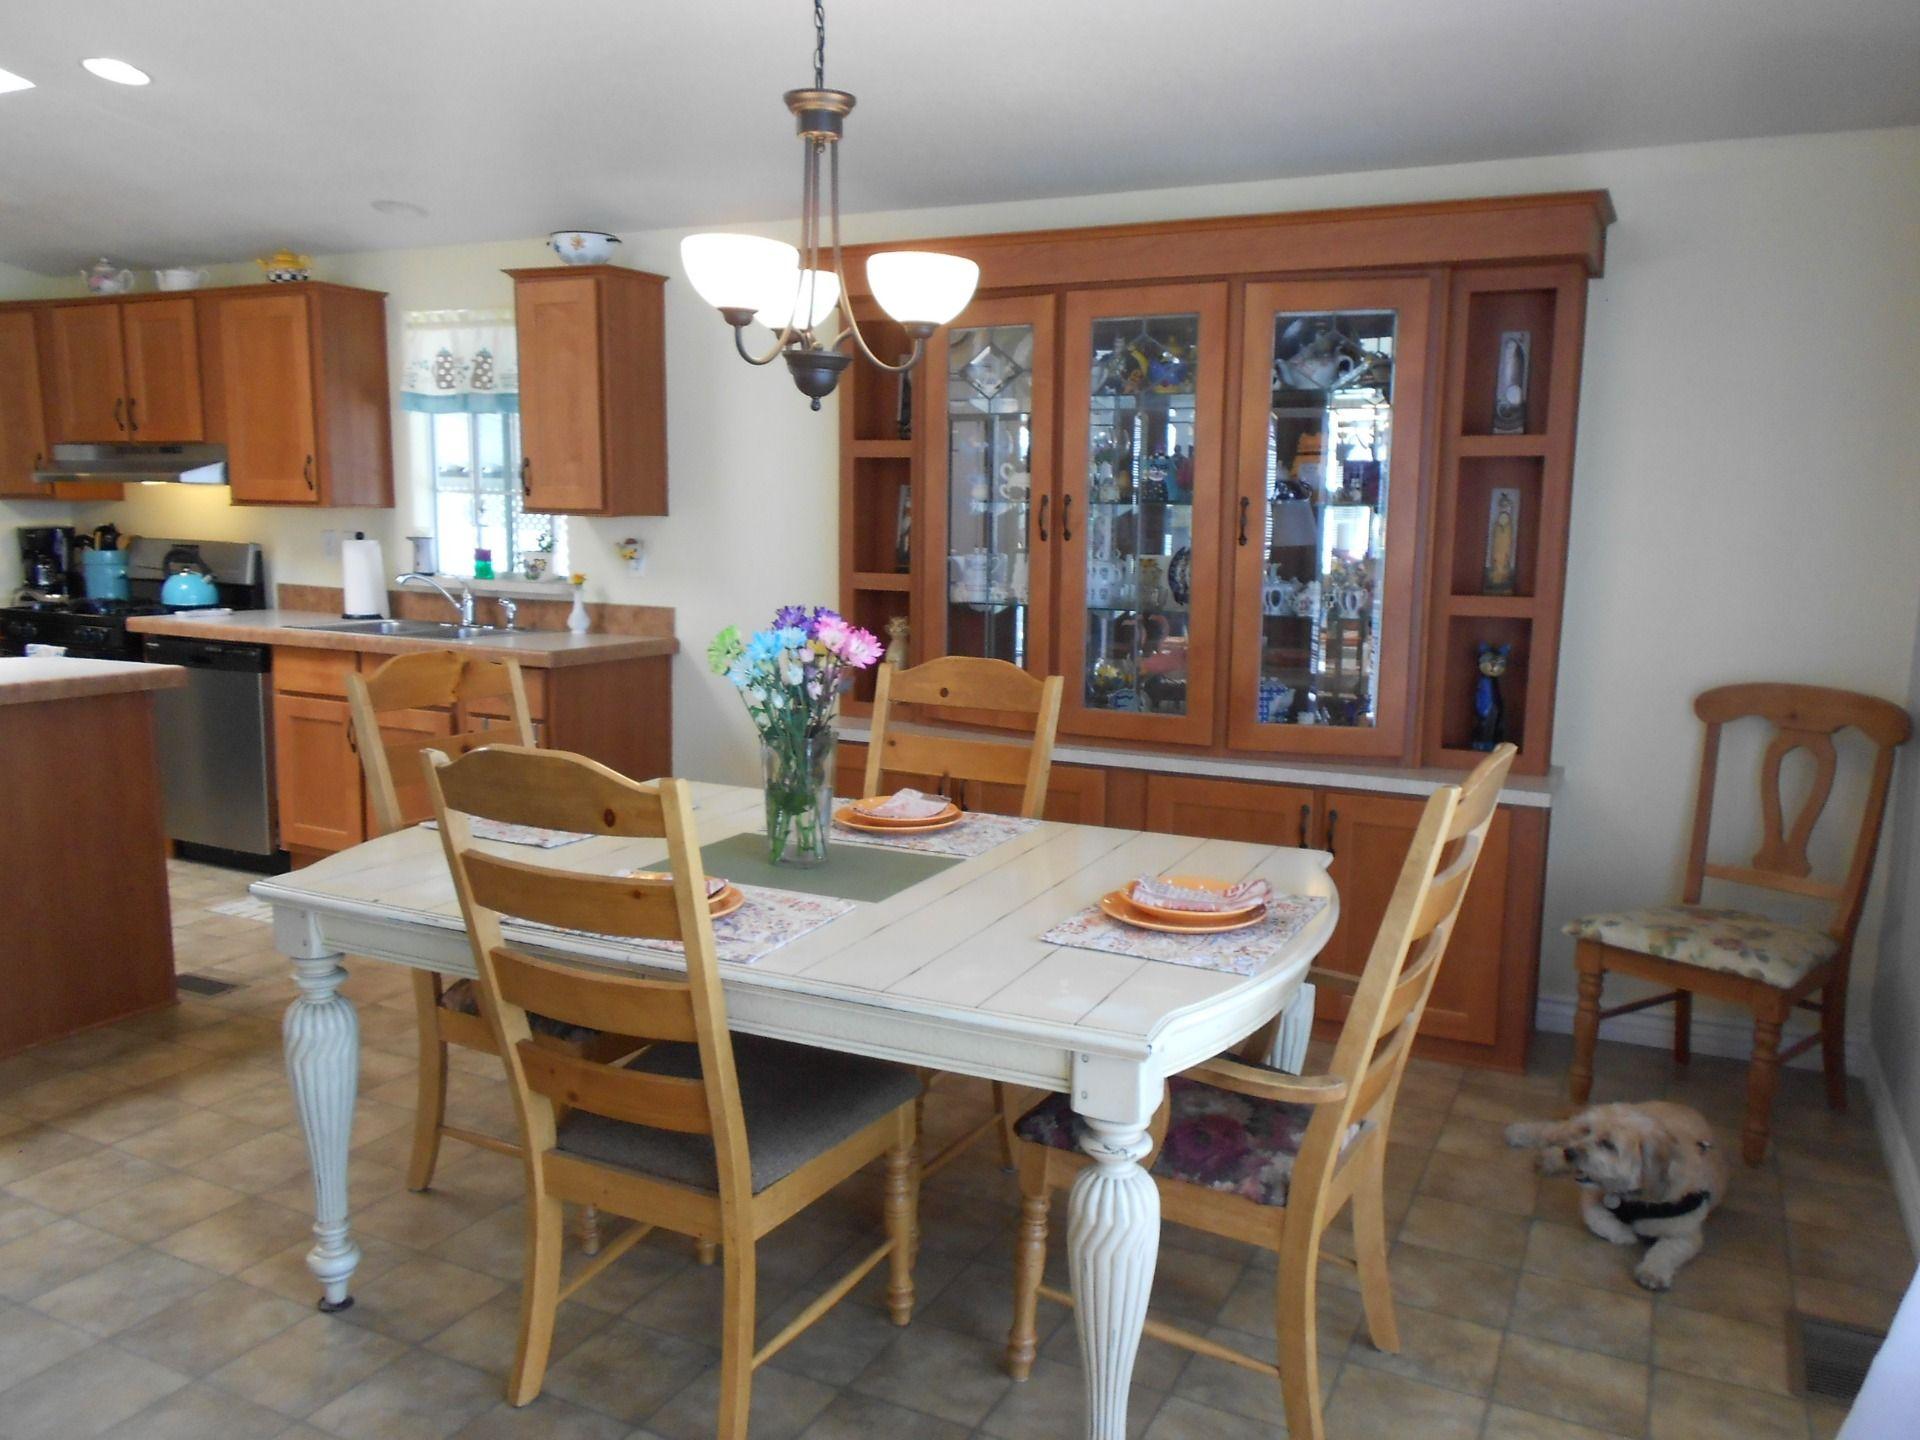 2003 Cavco Mobile / Manufactured Home in Stanton, CA via